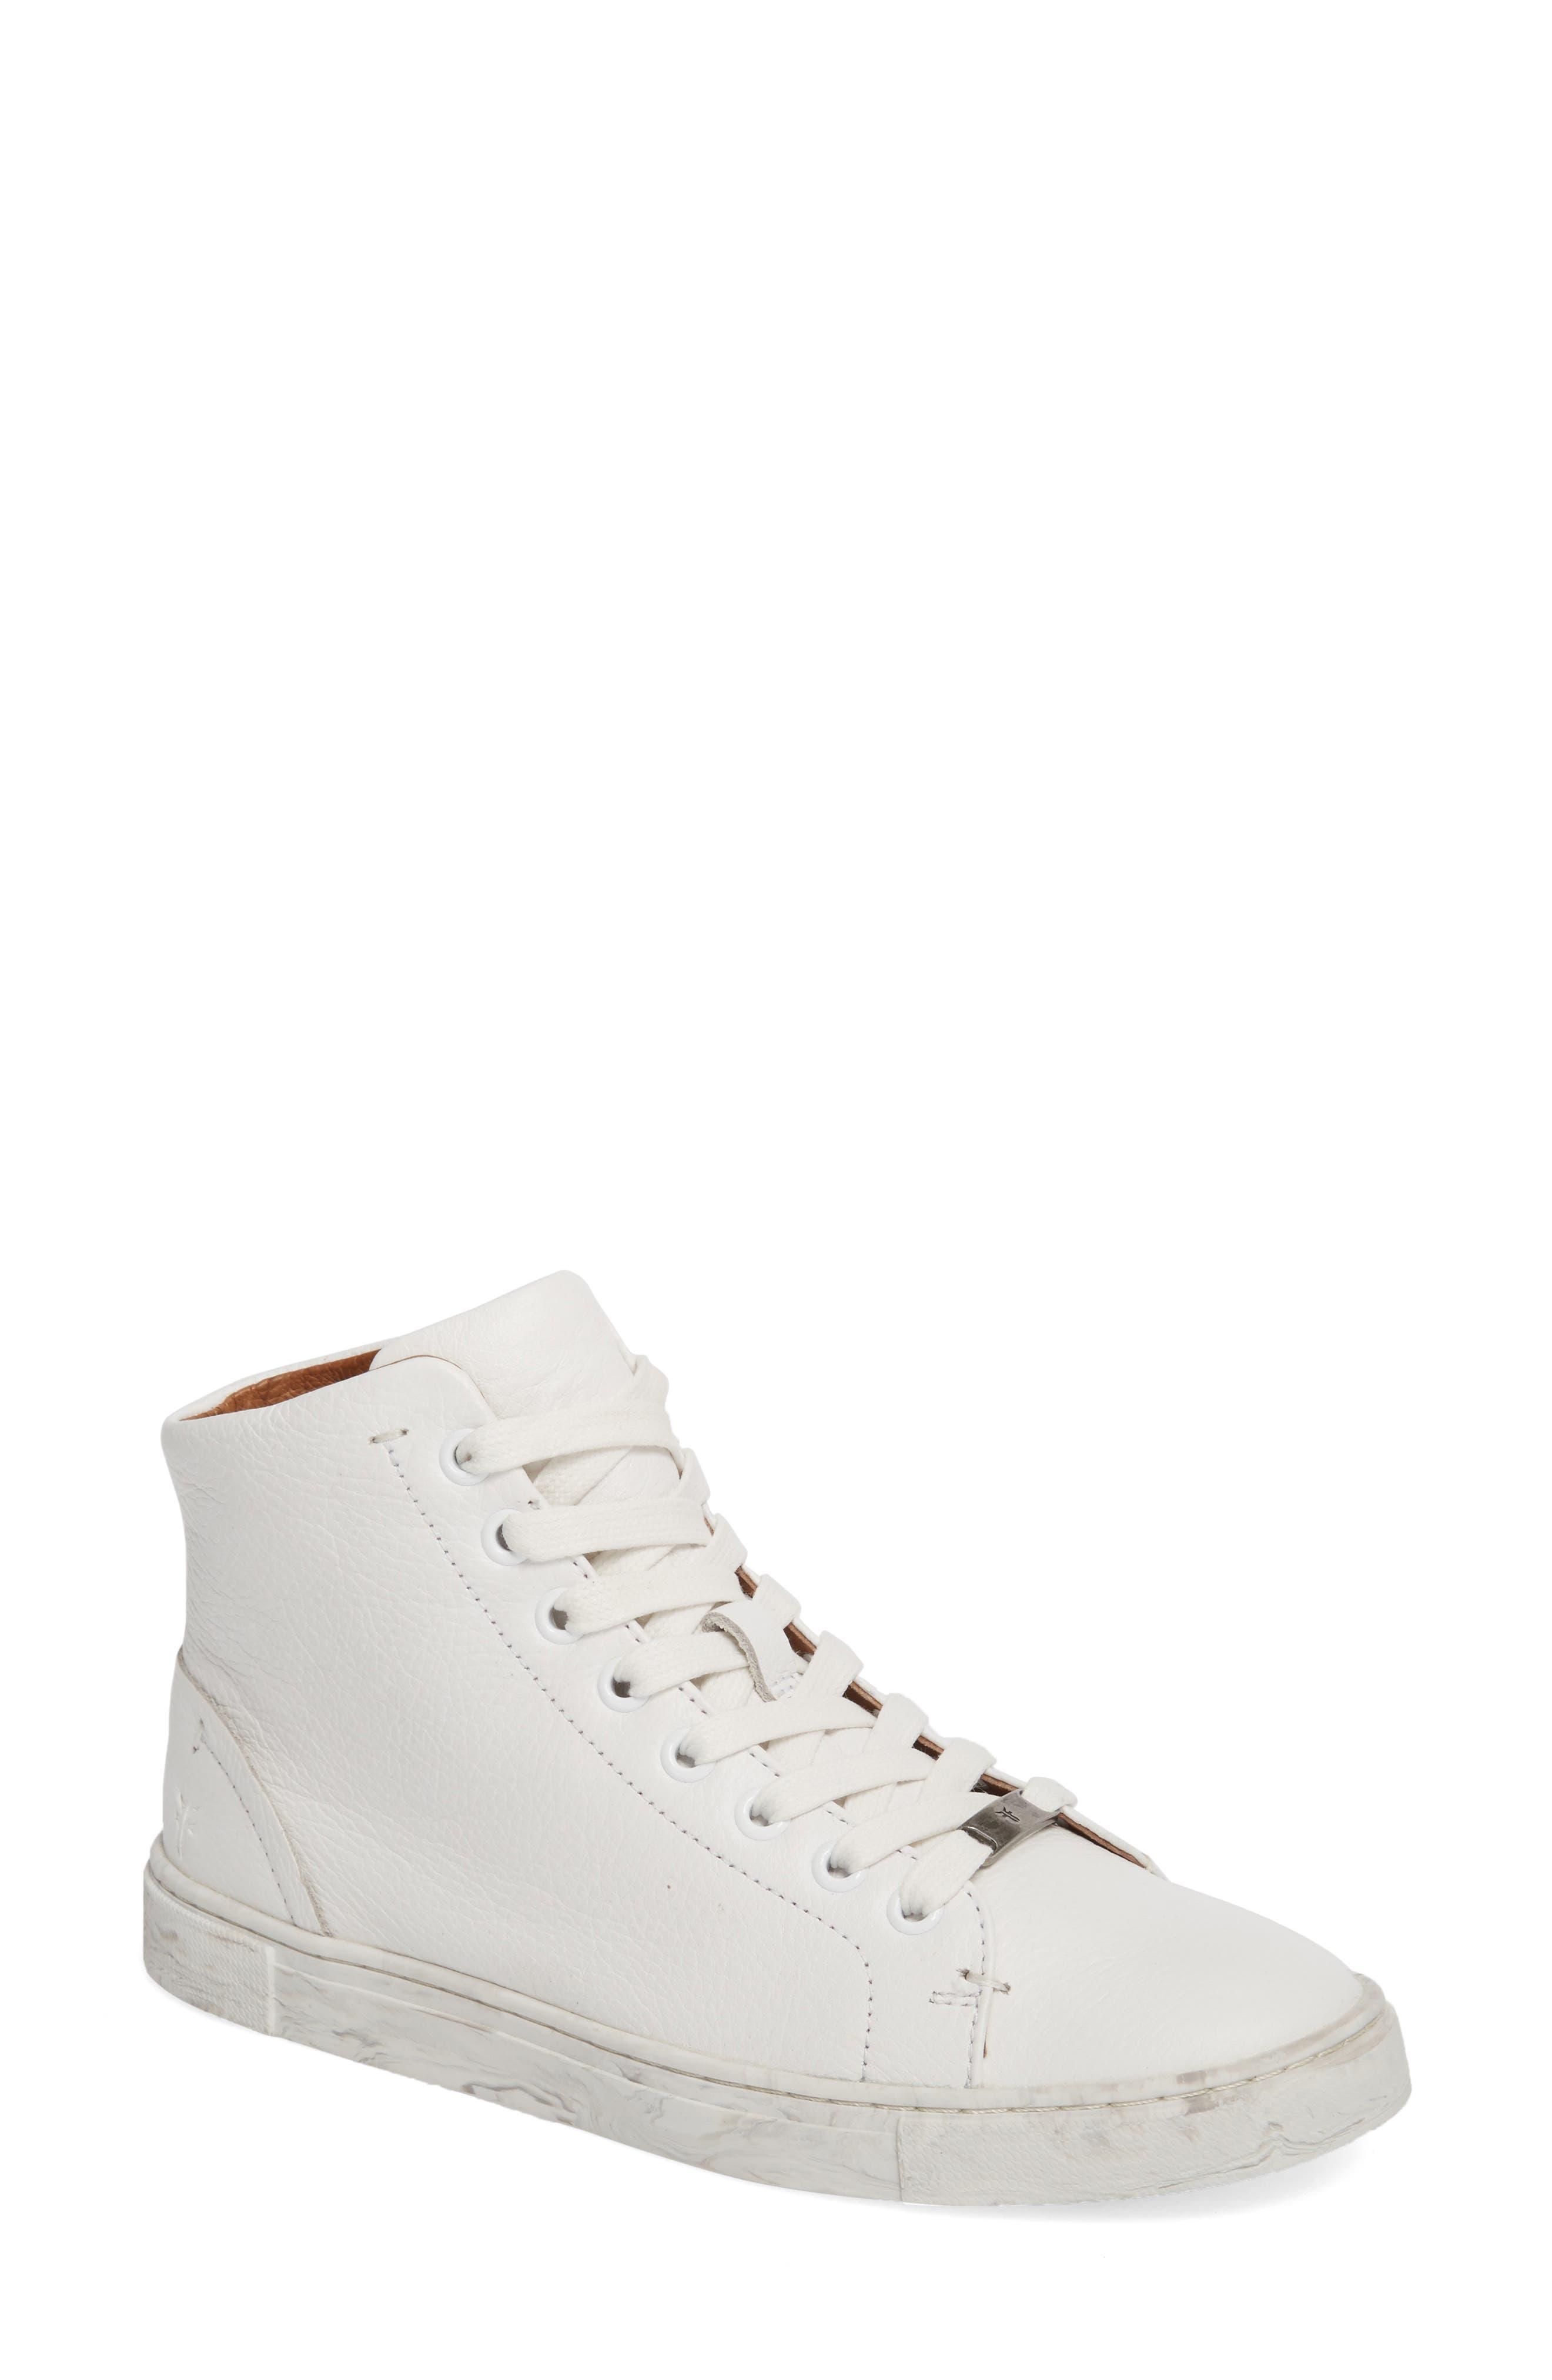 Alternate Image 1 Selected - Frye Ivy High Top Sneaker (Women)